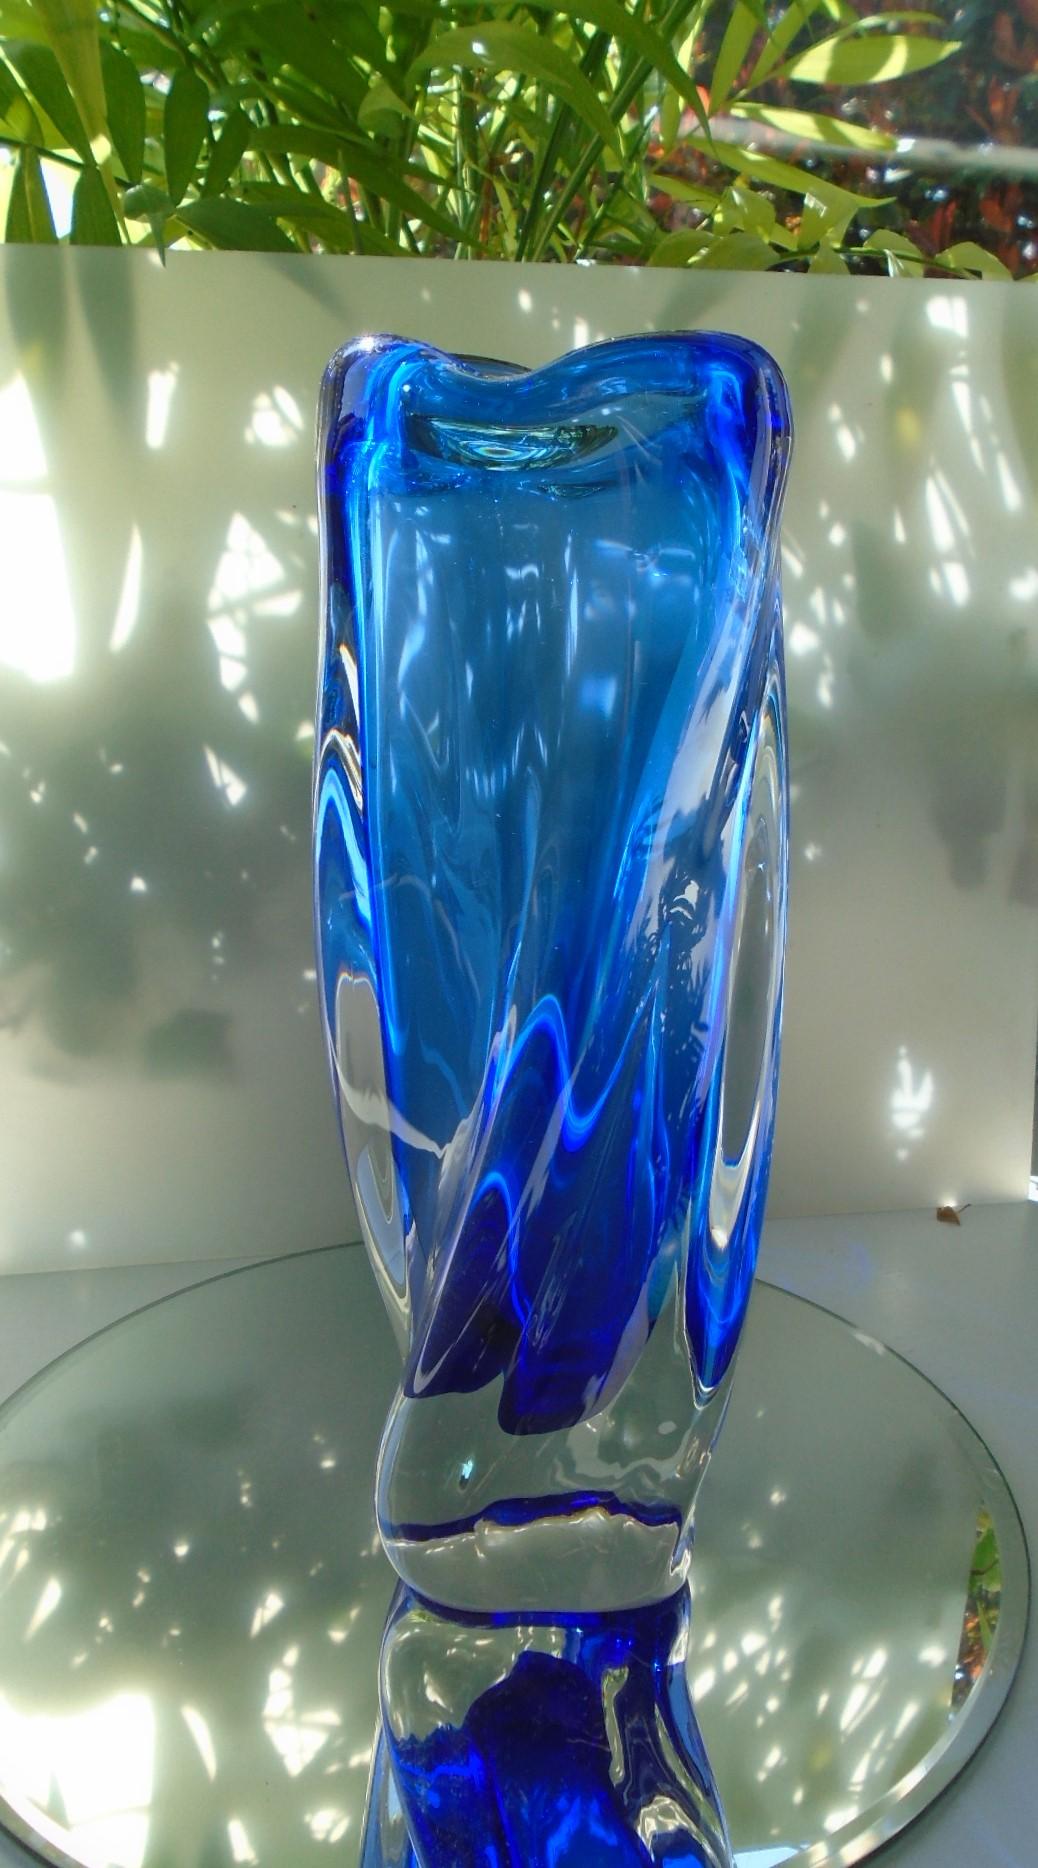 Stunning Vintage Czech Glass Vase from maker Chribska designed form them by Joseph Hospodska